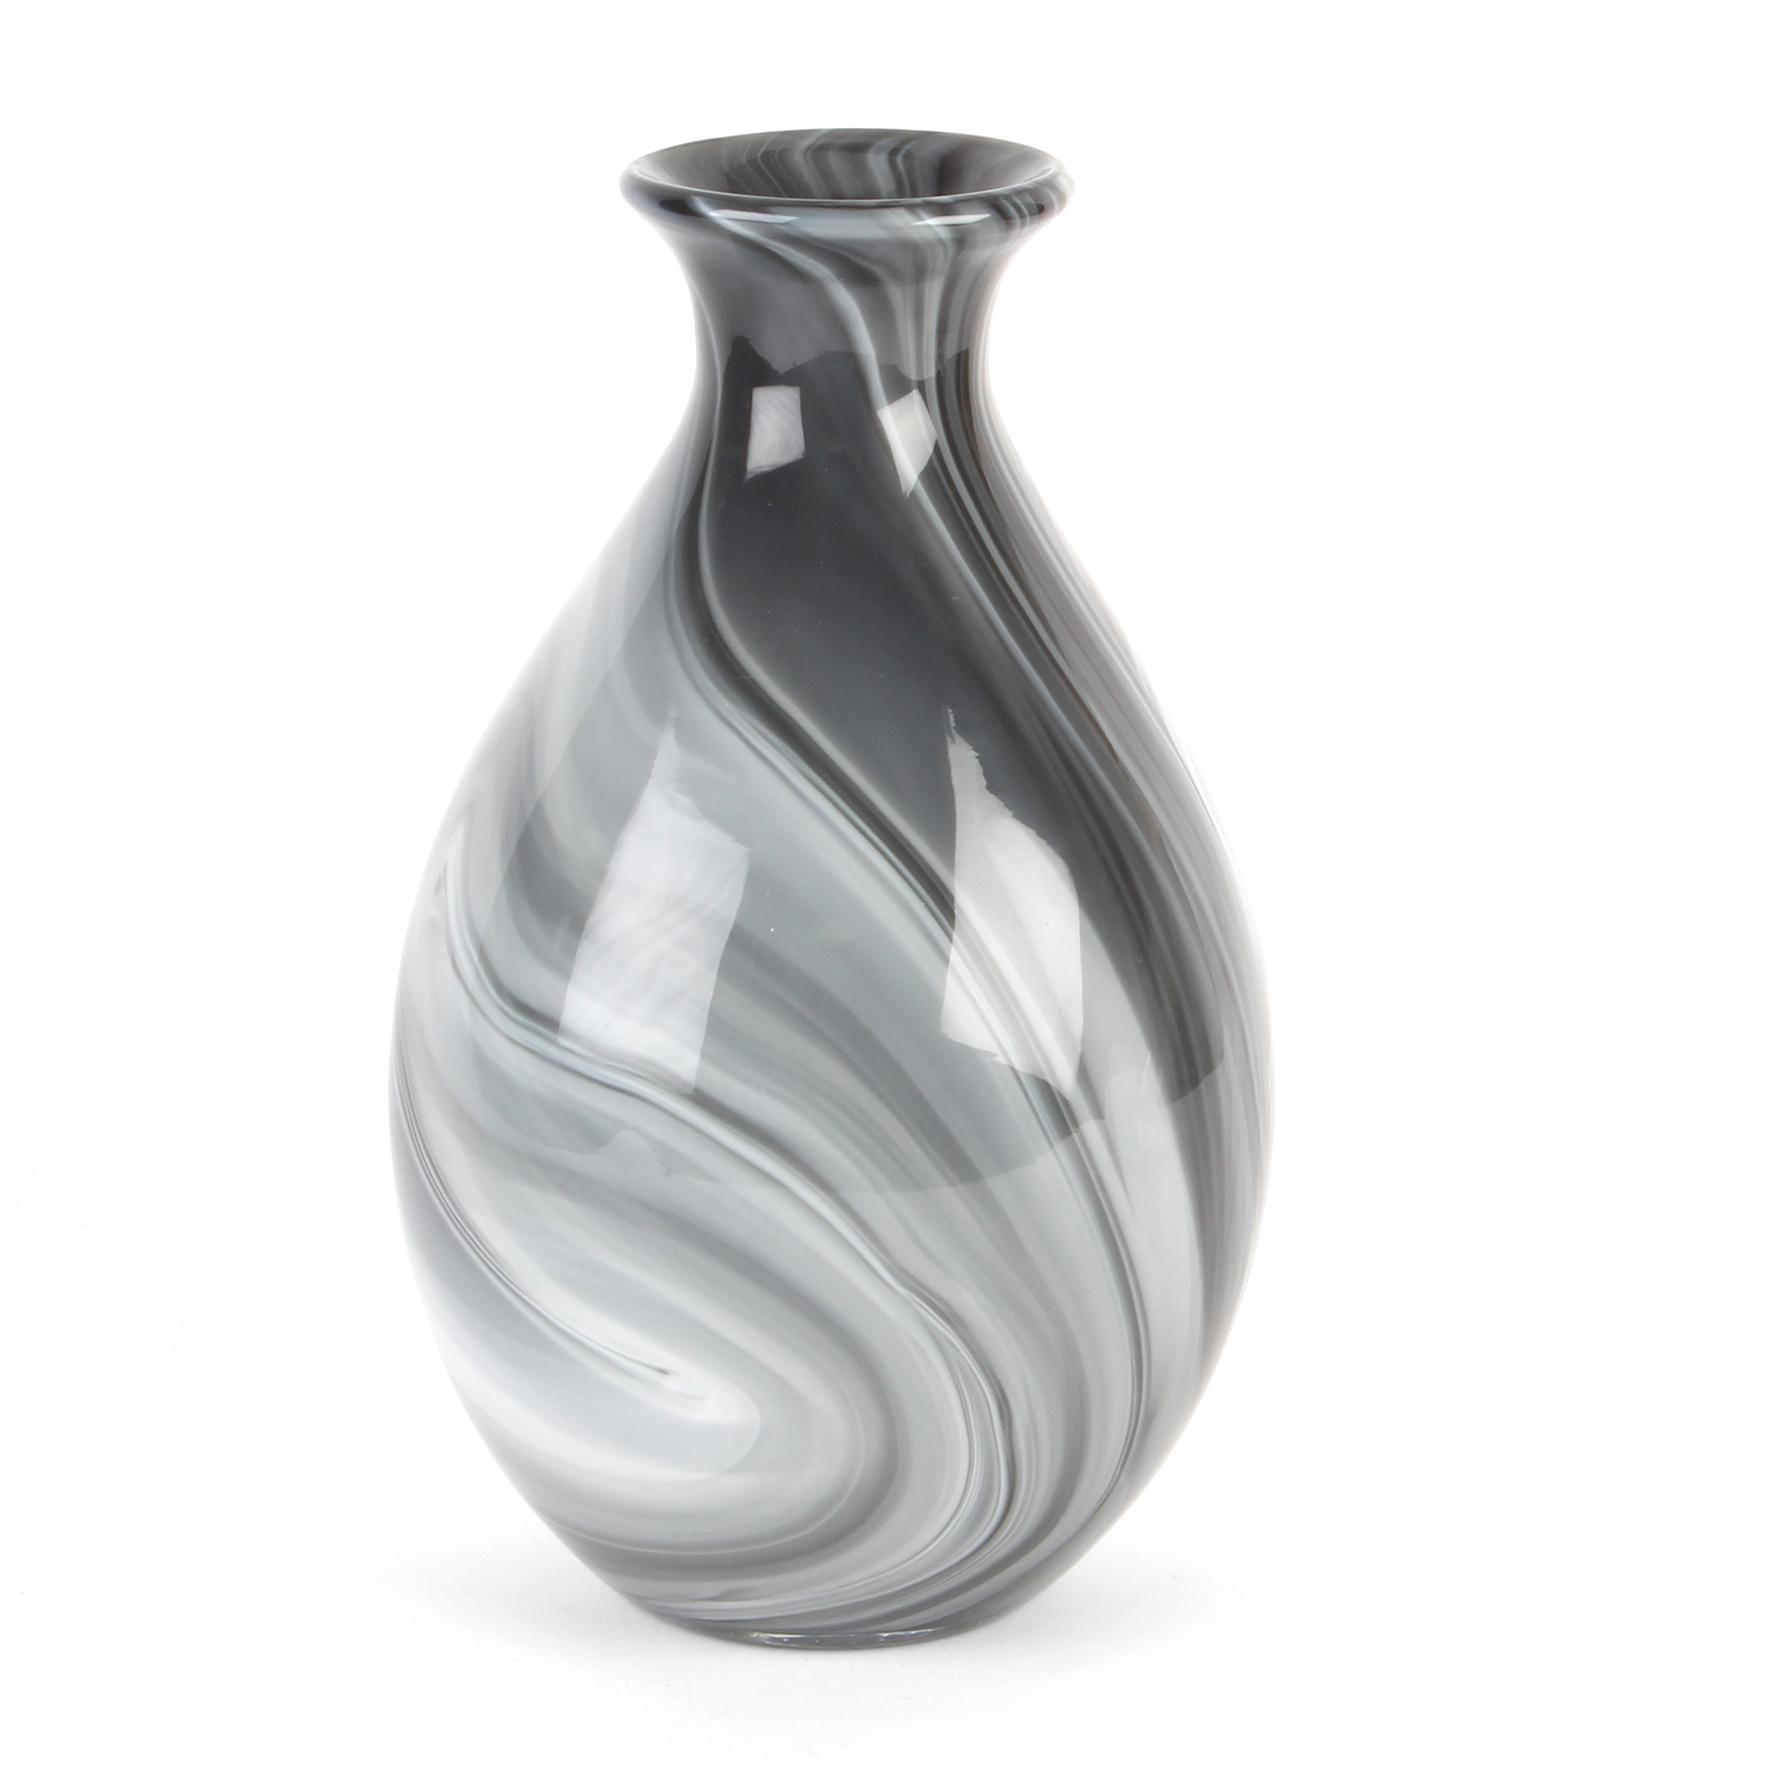 30003836_Marble effect glass vase.jpg